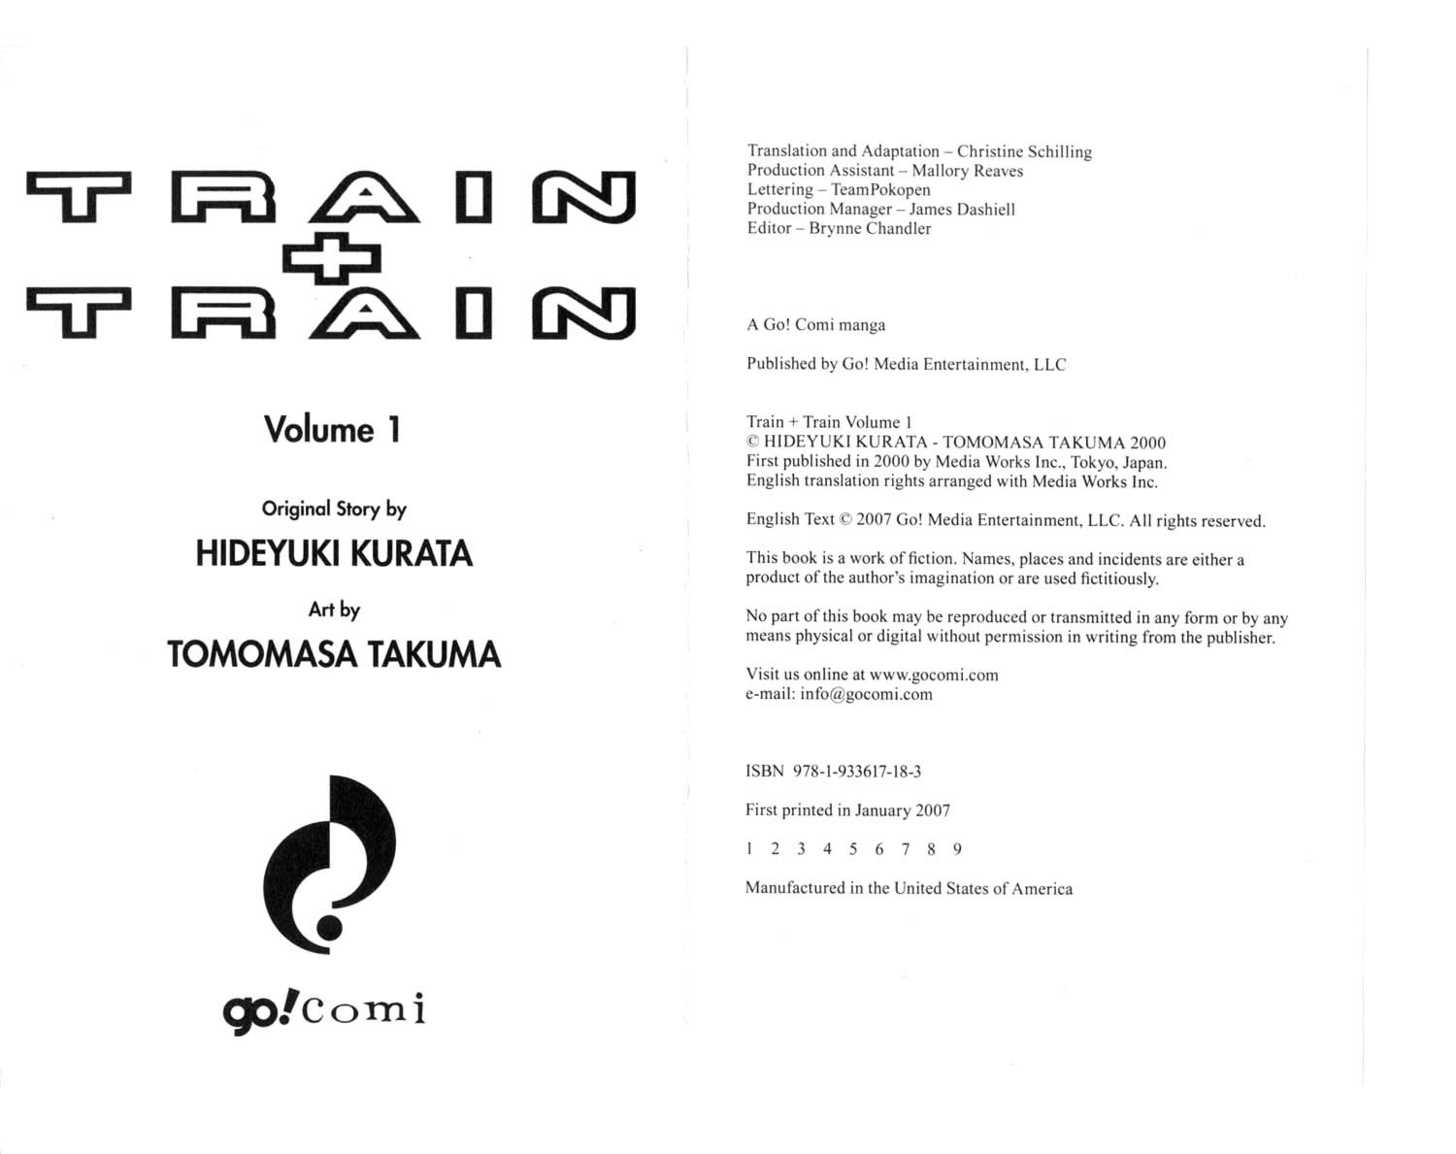 Train+Train 0 Page 3